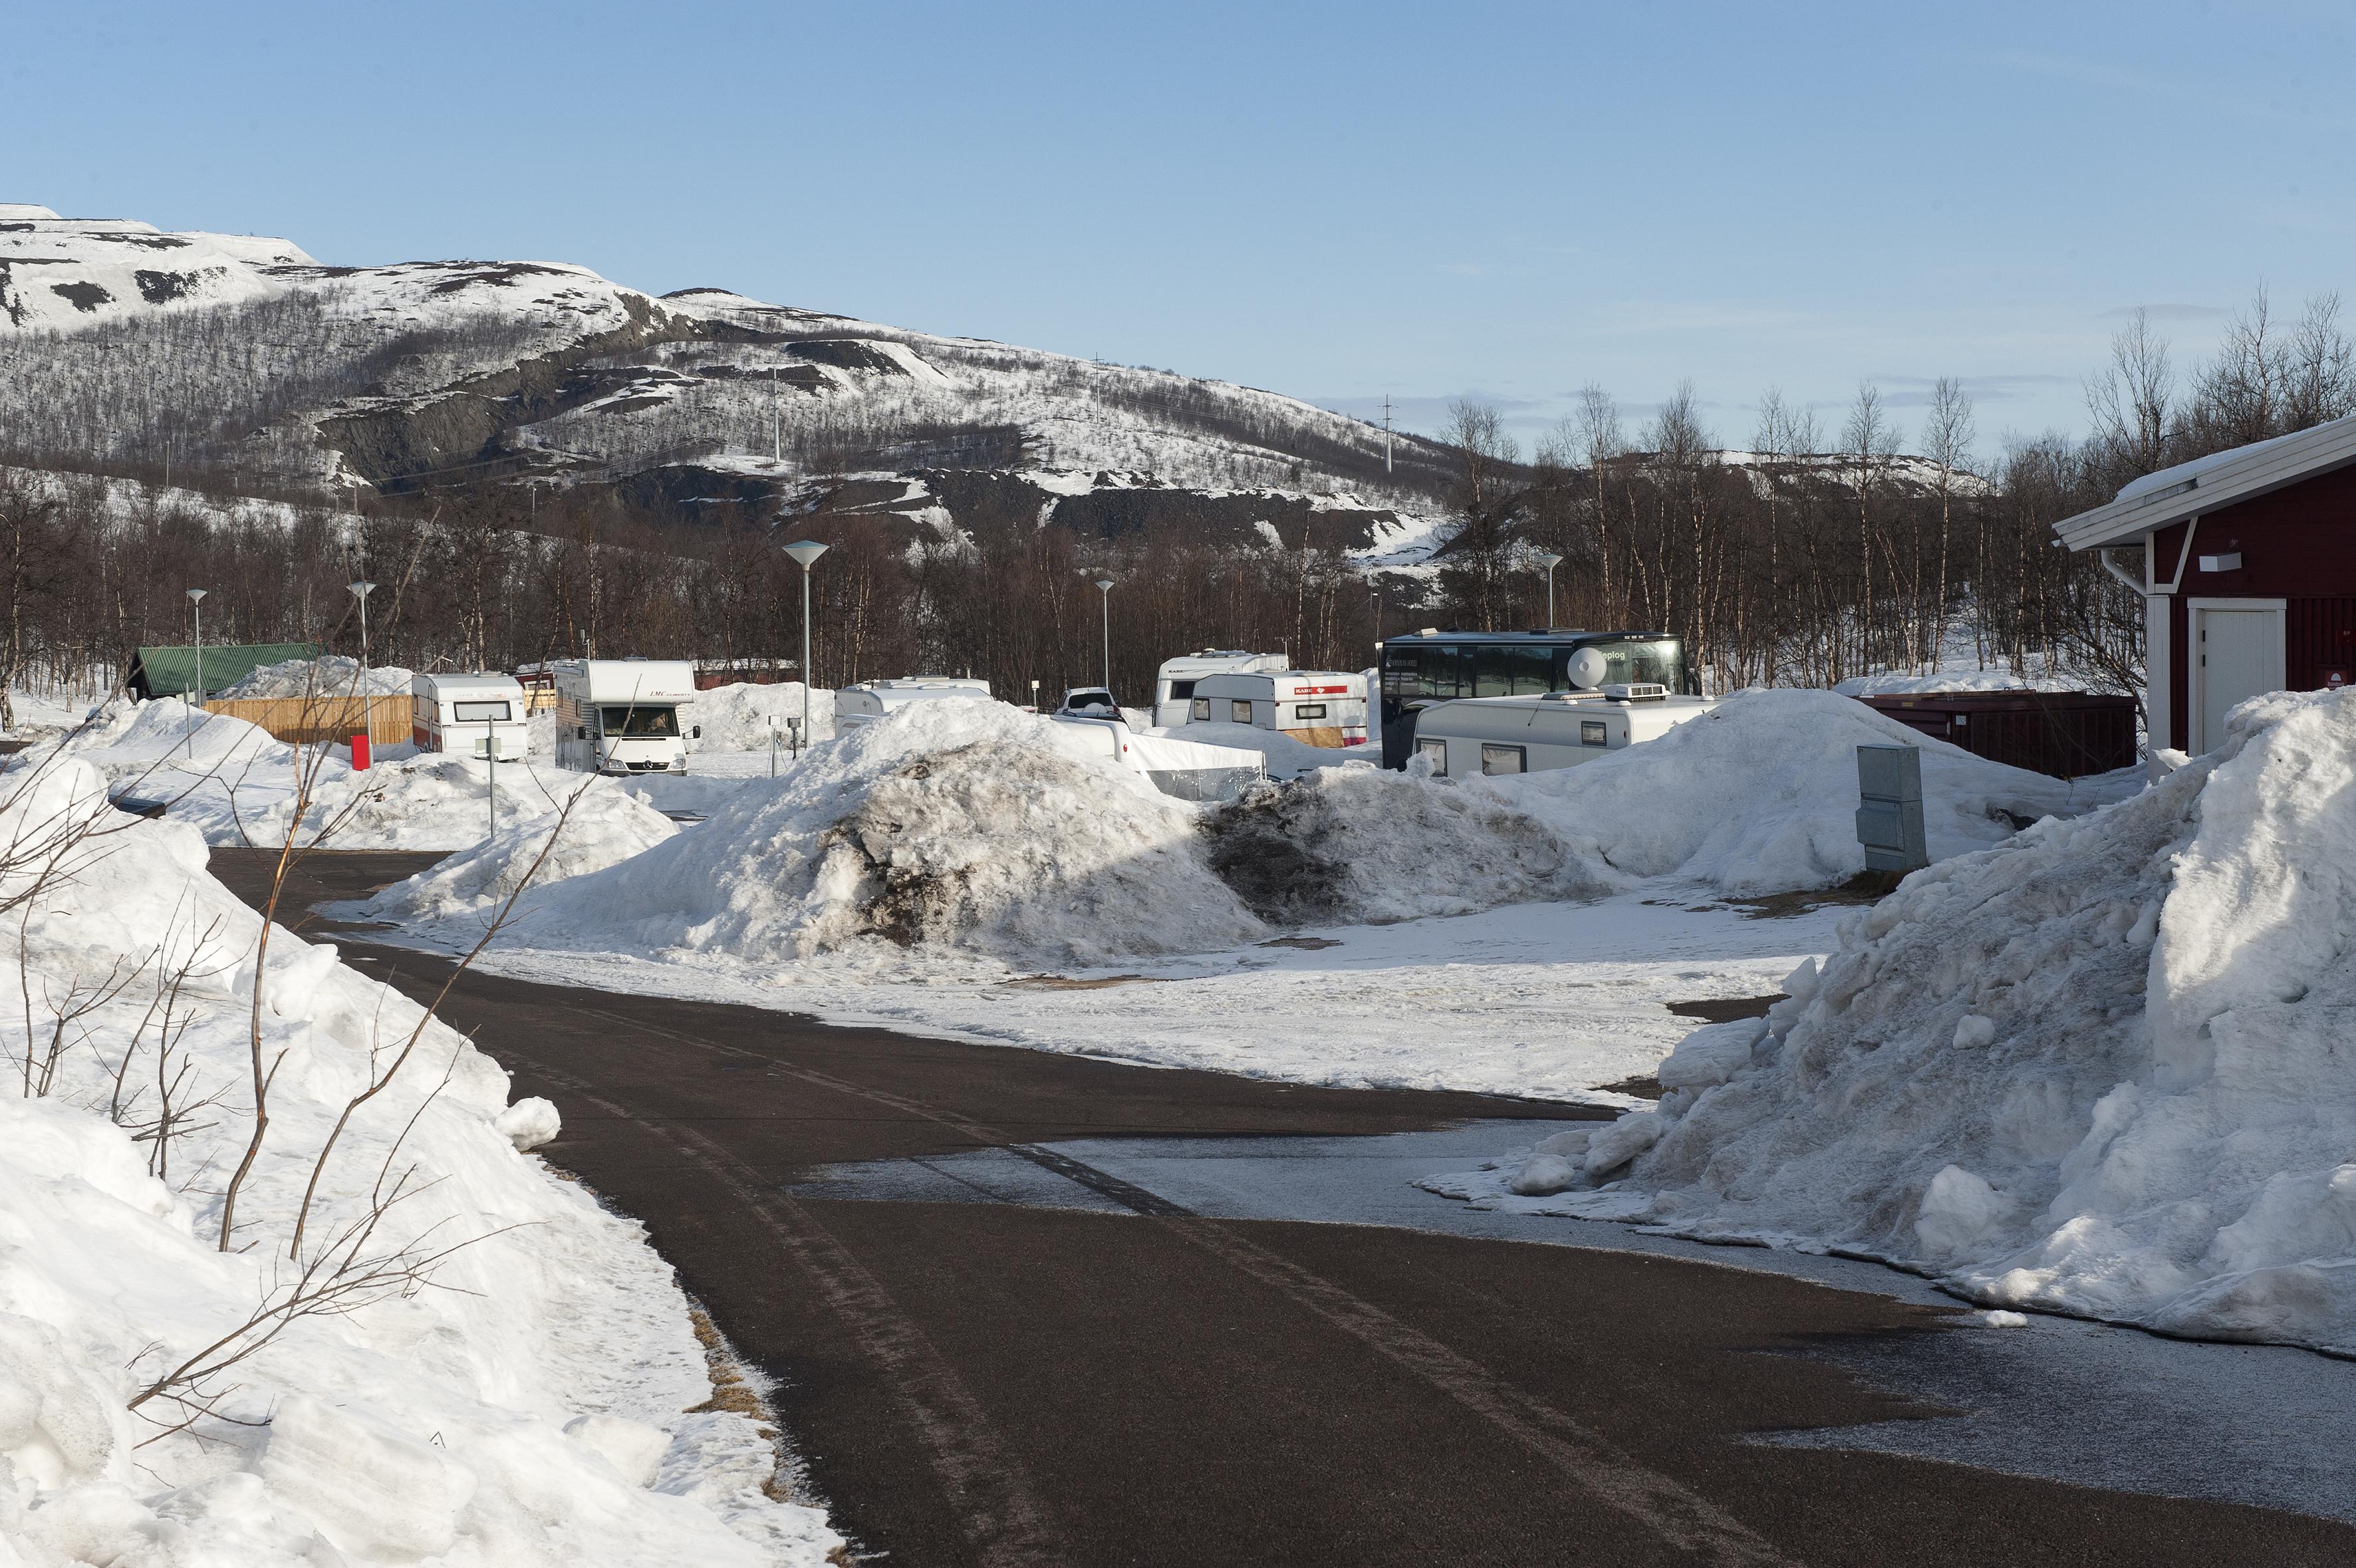 Vores første mål var Kiruna Camping, der er helårsåben. Pladsen er fint ryddet, men der er store snebunker, bare hyggeligt.